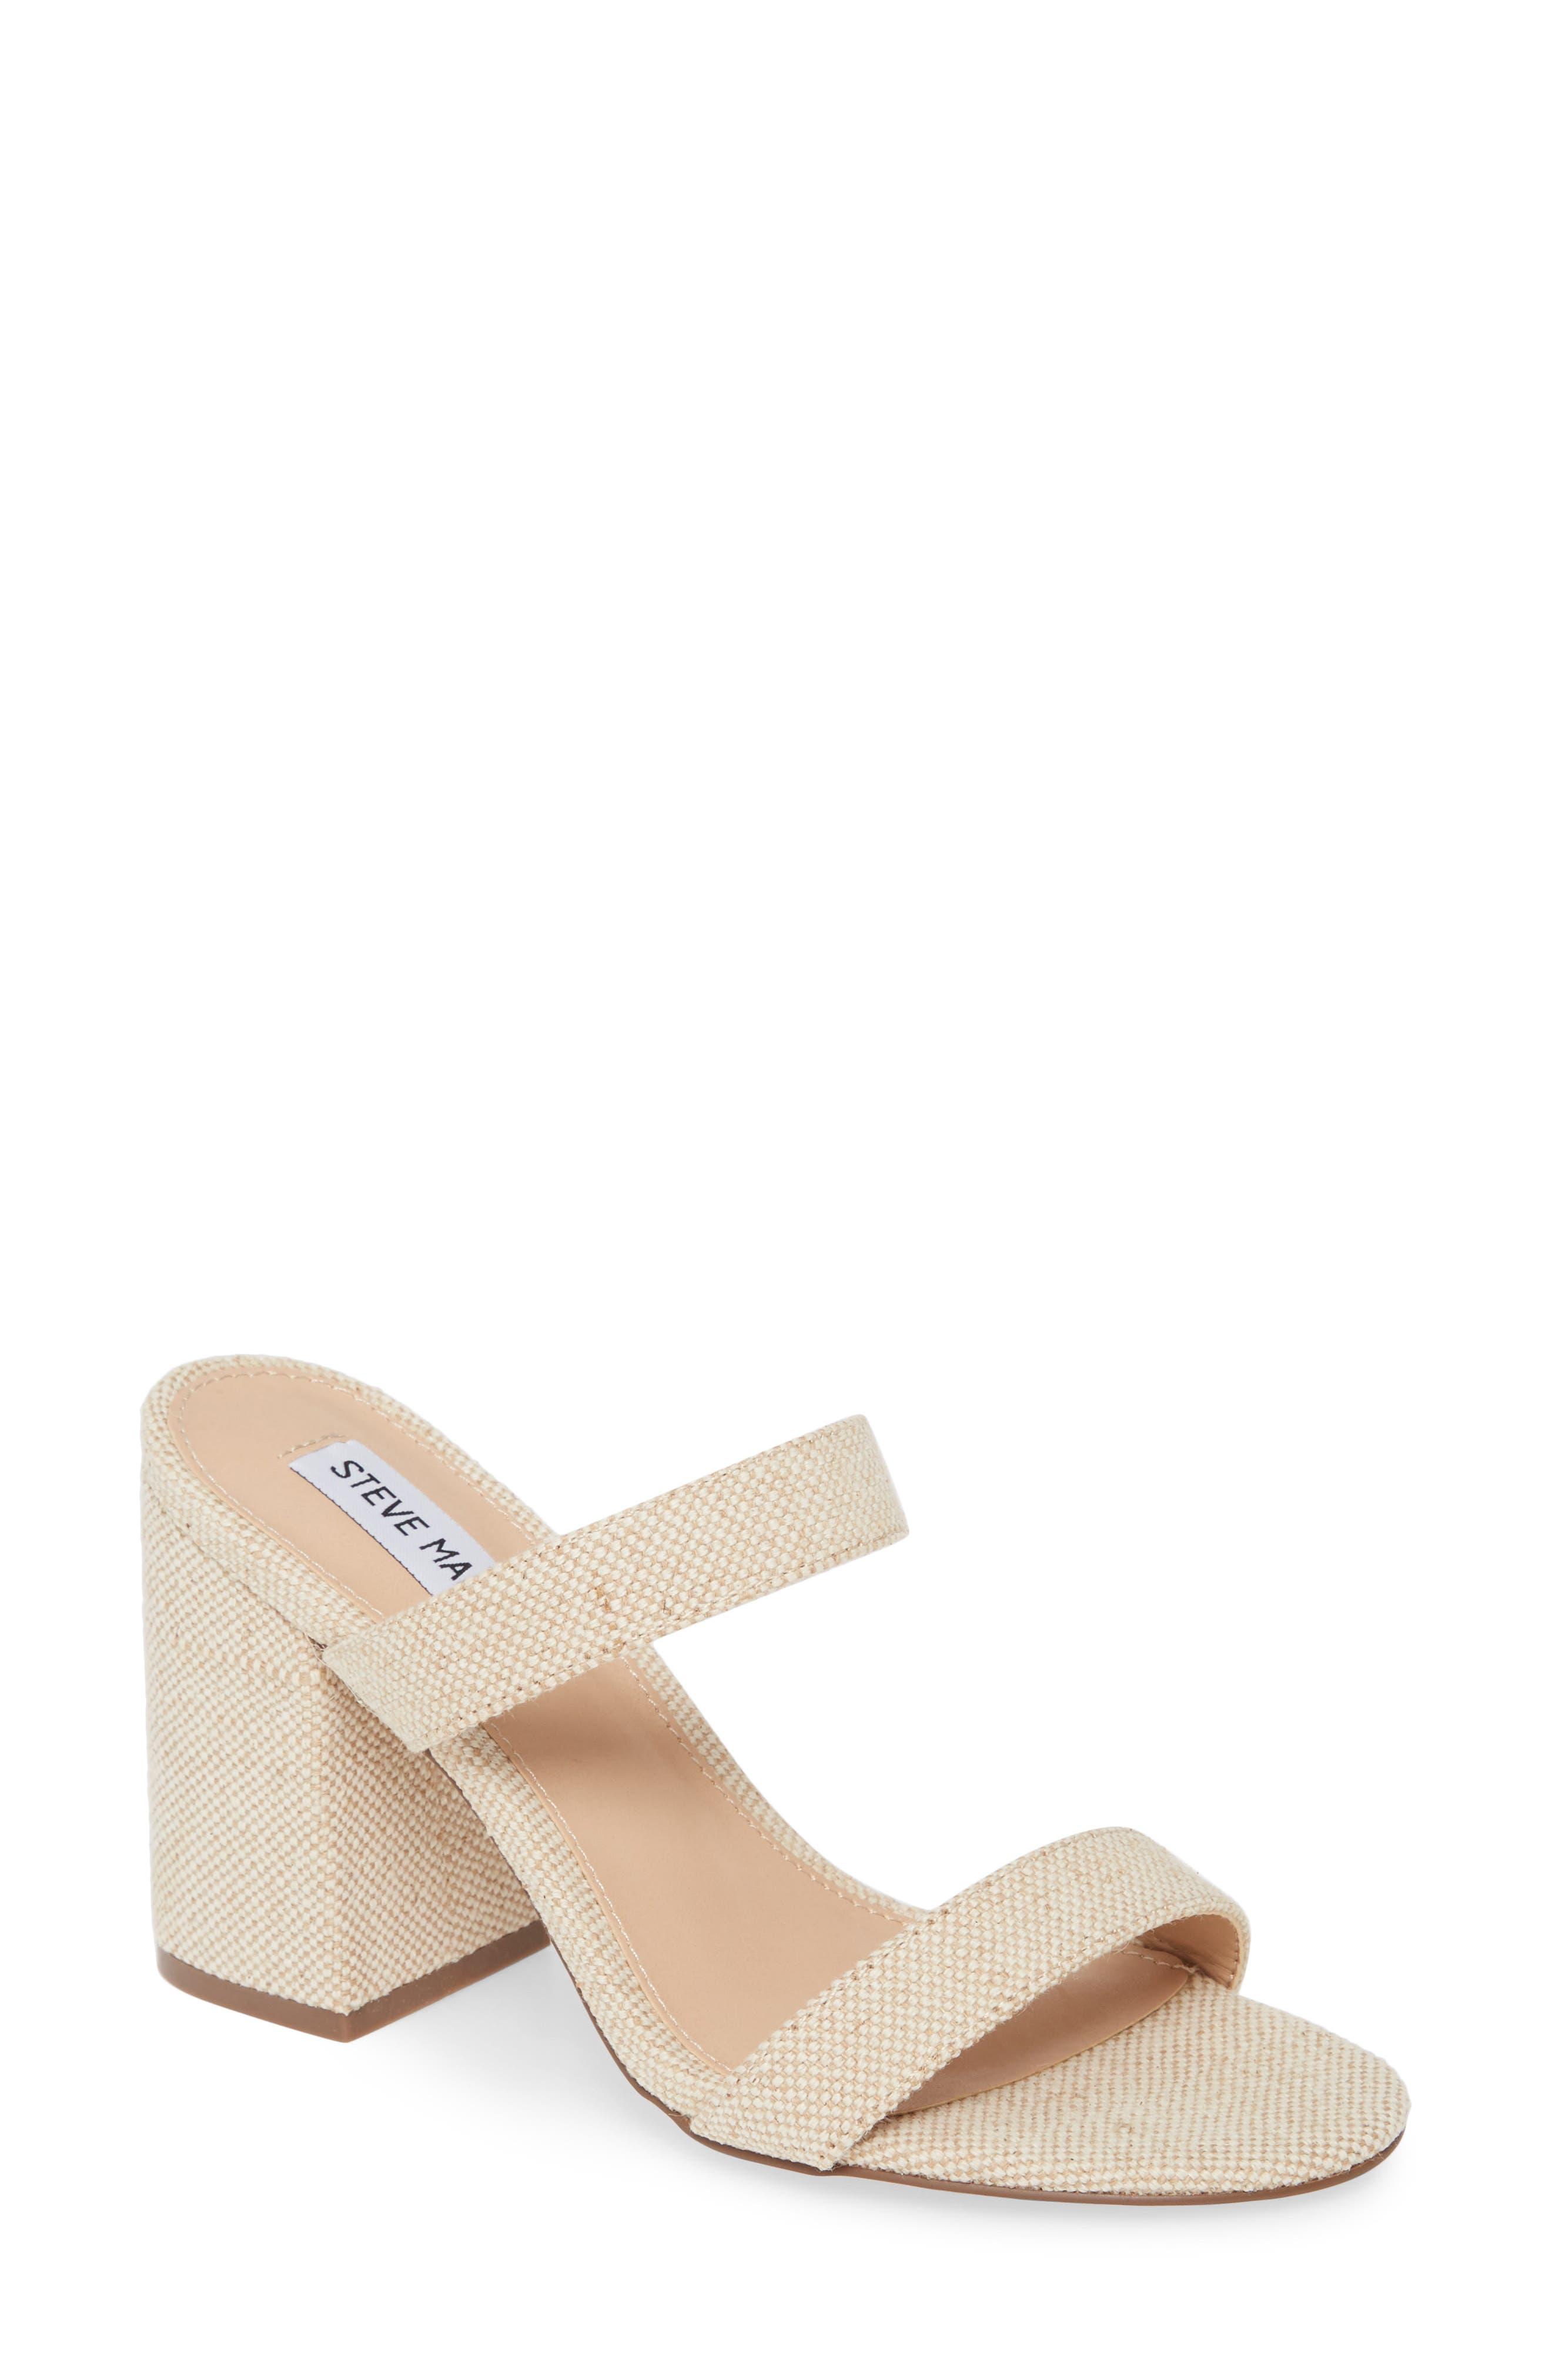 Steve Madden Lounge Block Heel Slide Sandal (Women)